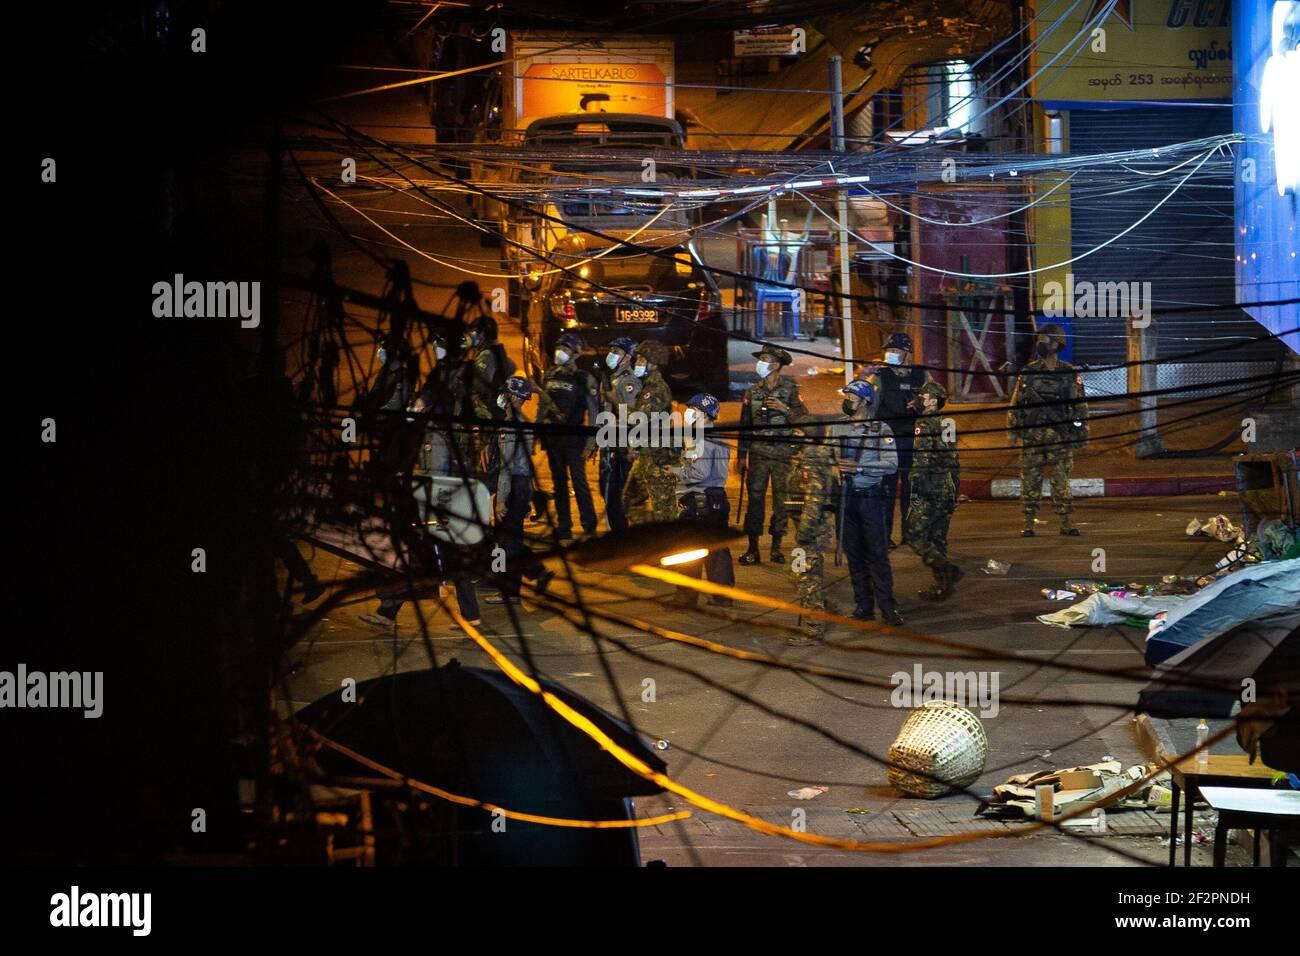 L'armée et la police du Myanmar ont vu chercher des résidents et des manifestants cachés dans des bâtiments après une manifestation anti-coup d'État militaire.la police du Myanmar a attaqué les manifestants avec des balles en caoutchouc, des munitions réelles, des gaz lacrymogènes et des bombes lacrymogènes en réponse aux manifestants anti-coup d'État militaire de vendredi. Deux ont déclaré mort. L'armée du Myanmar a arrêté le conseiller d'État du Myanmar Aung San Suu Kyi le 01 février 2021 et a déclaré l'état d'urgence tout en prenant le pouvoir dans le pays pendant un an après avoir perdu les élections contre la Ligue nationale pour la démocratie (NLD). (Photo de Theint mon SOE/SOPA Images/ Banque D'Images